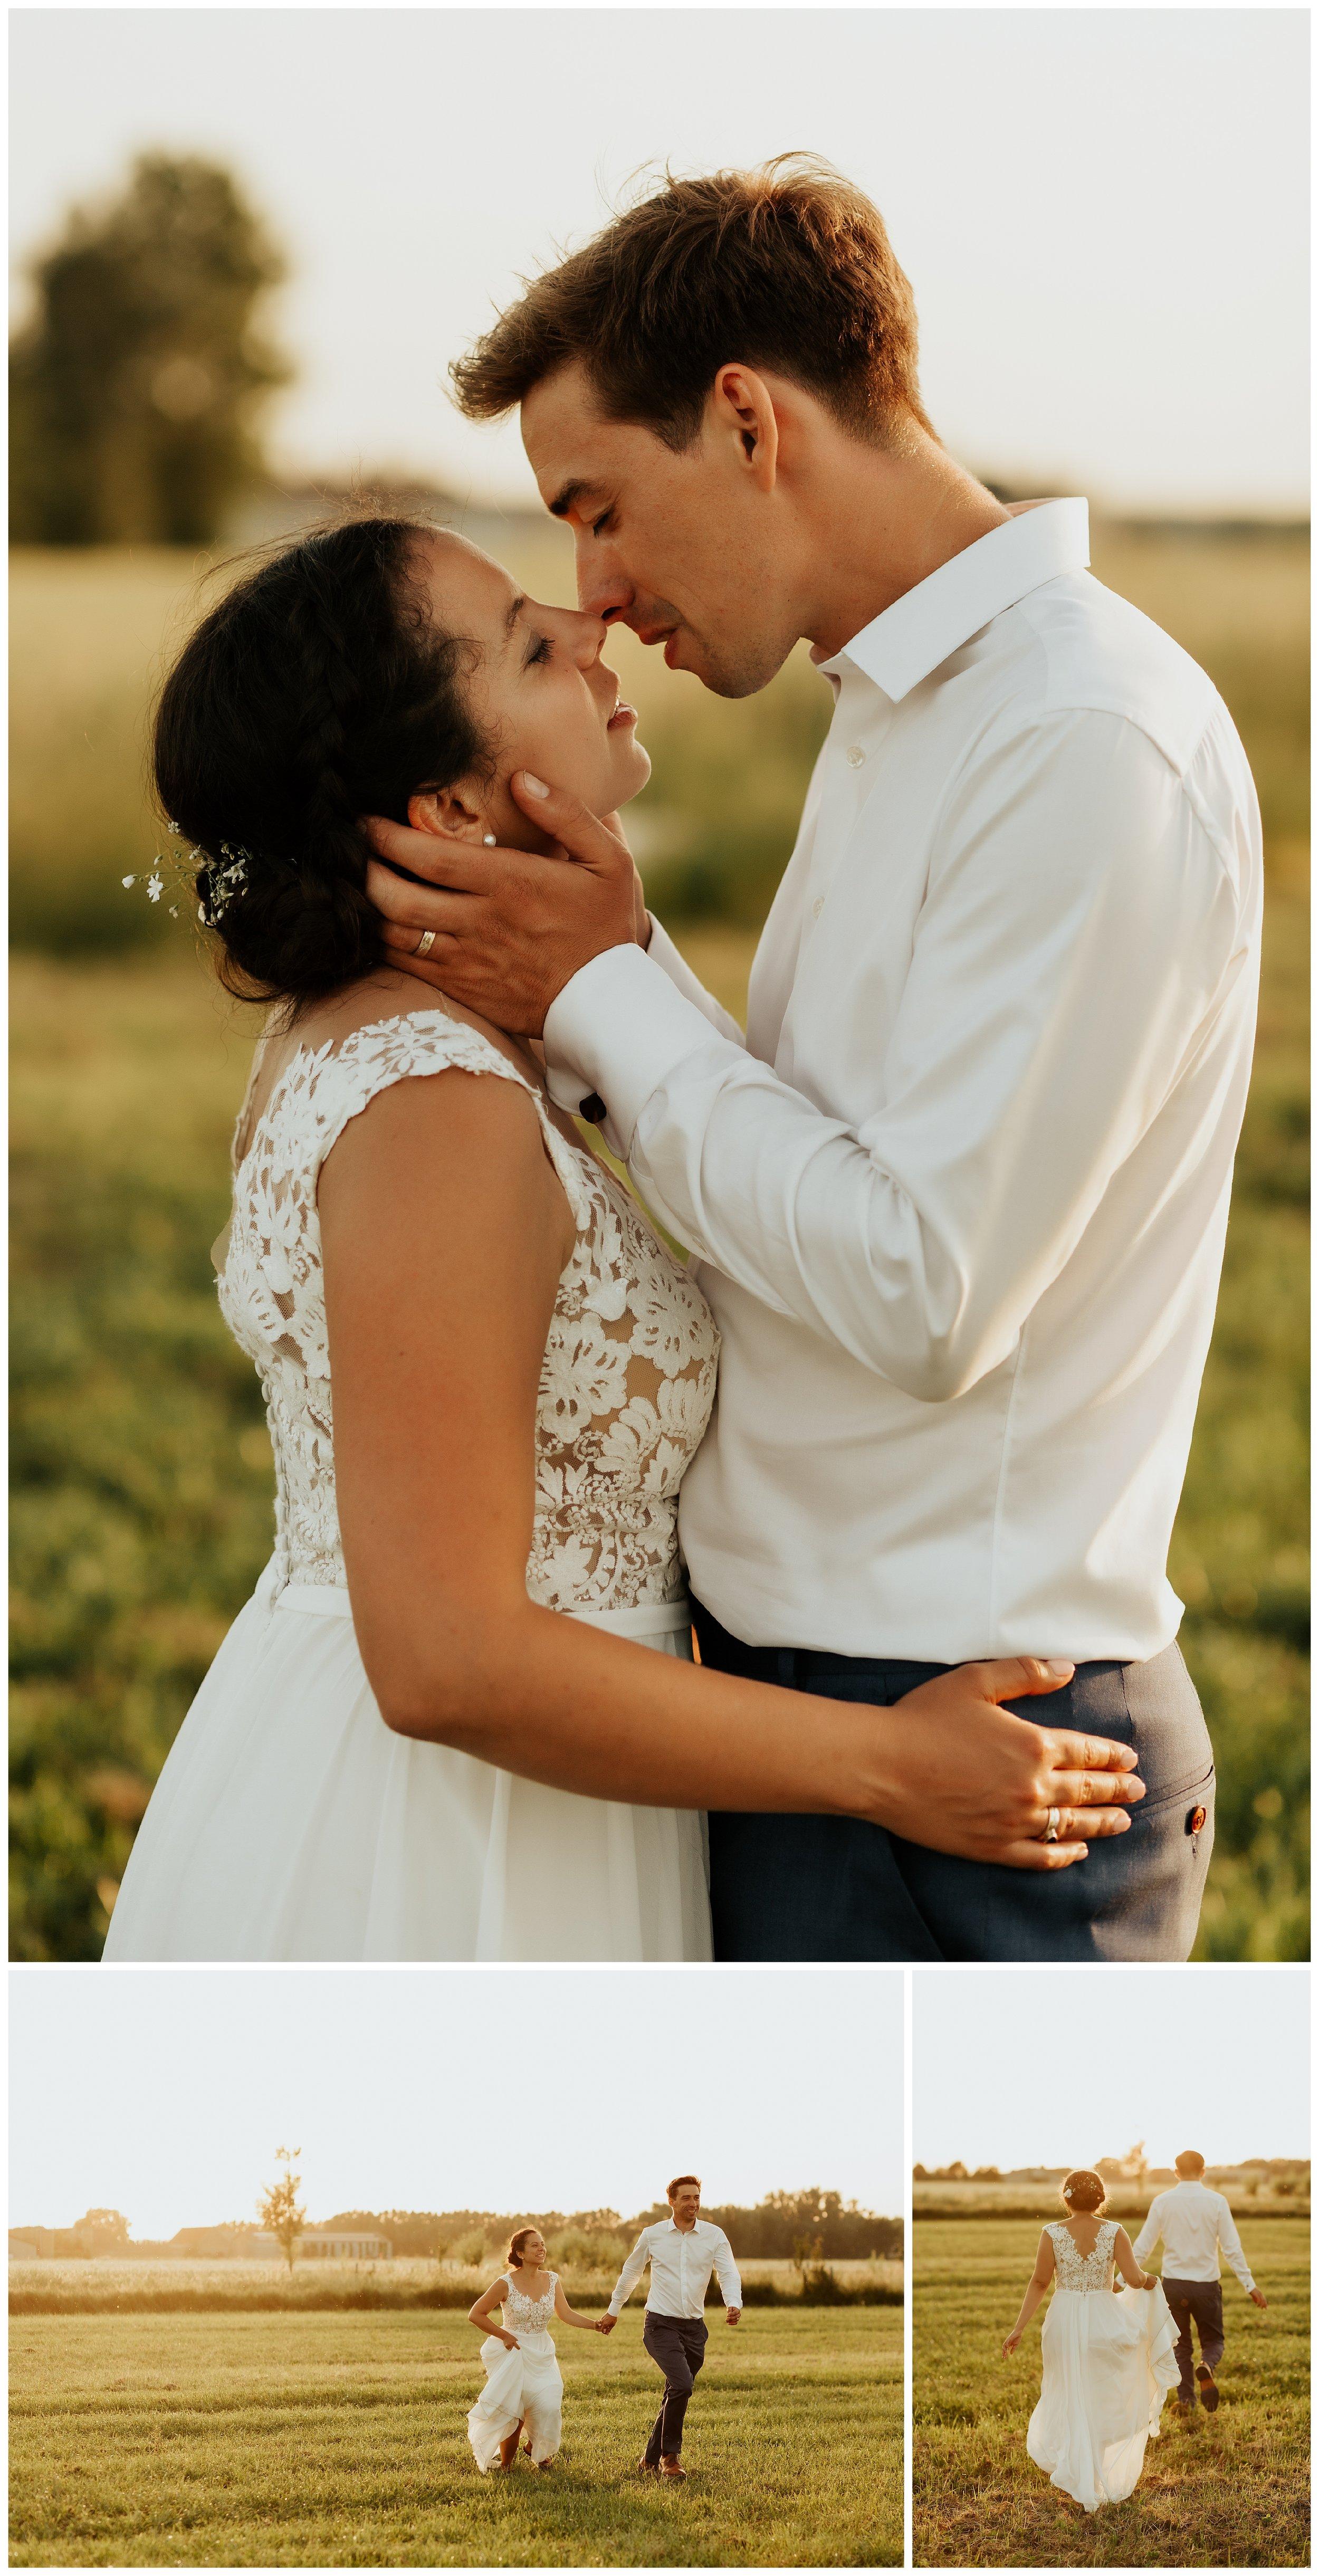 huwelijksfotograaf-huwelijksfotografie-knokke-heist-lisa-helsen-photography-trouwfotograaf-trouwfoto-sabine-pieter_0034.jpg